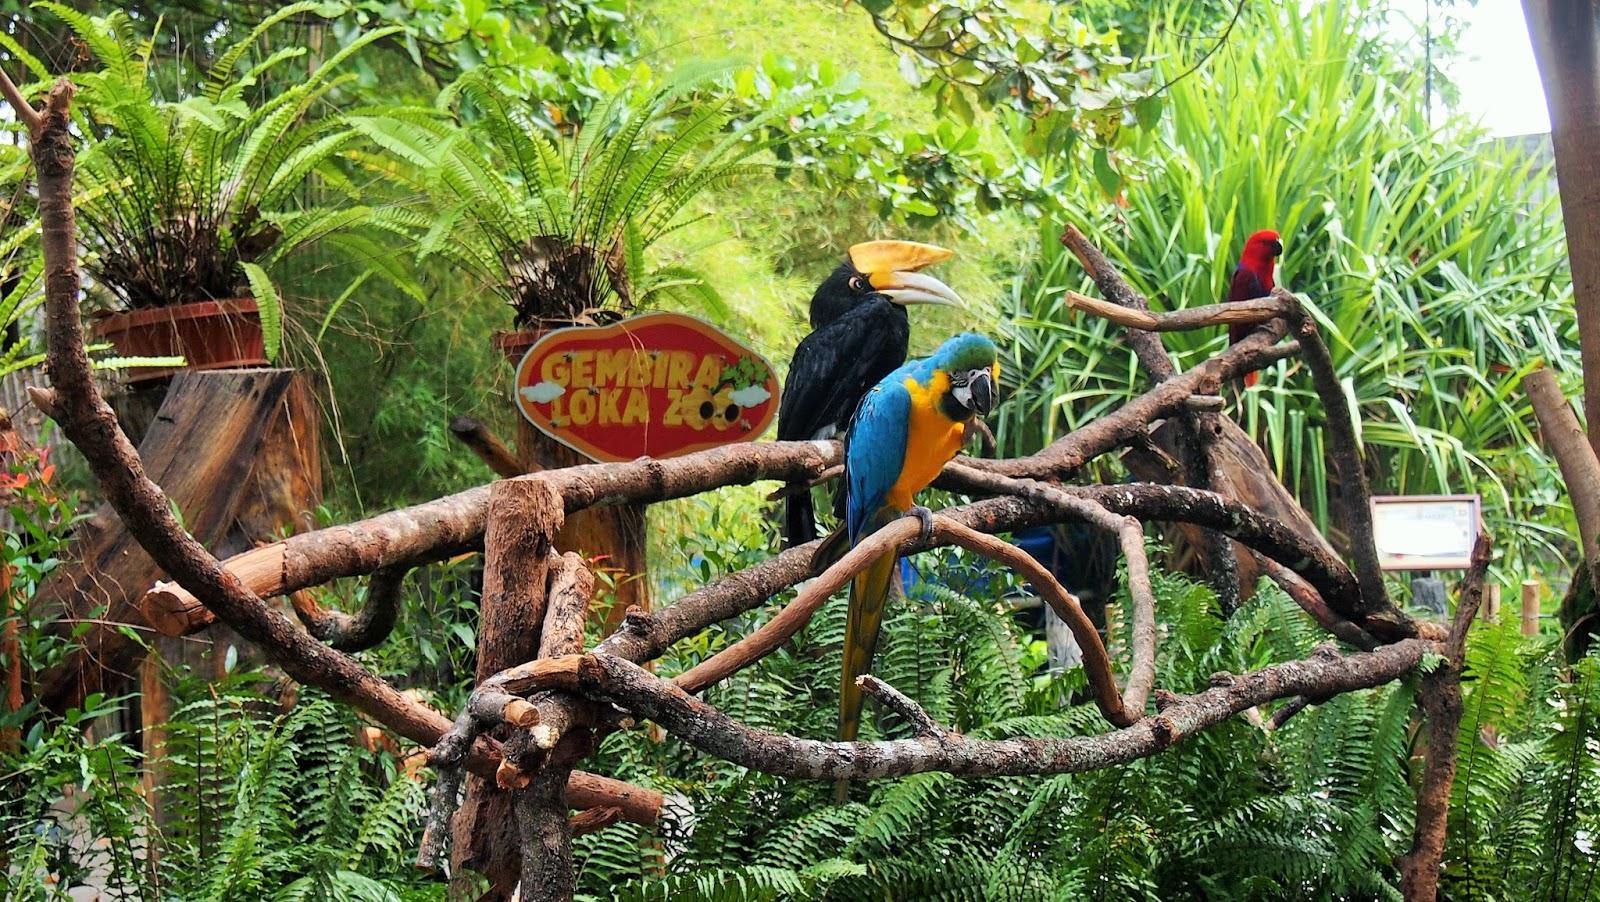 Amadea Pradhipta Berjumpa Binatang Gembira Loka Zoo Beralamat Jalan Kebun